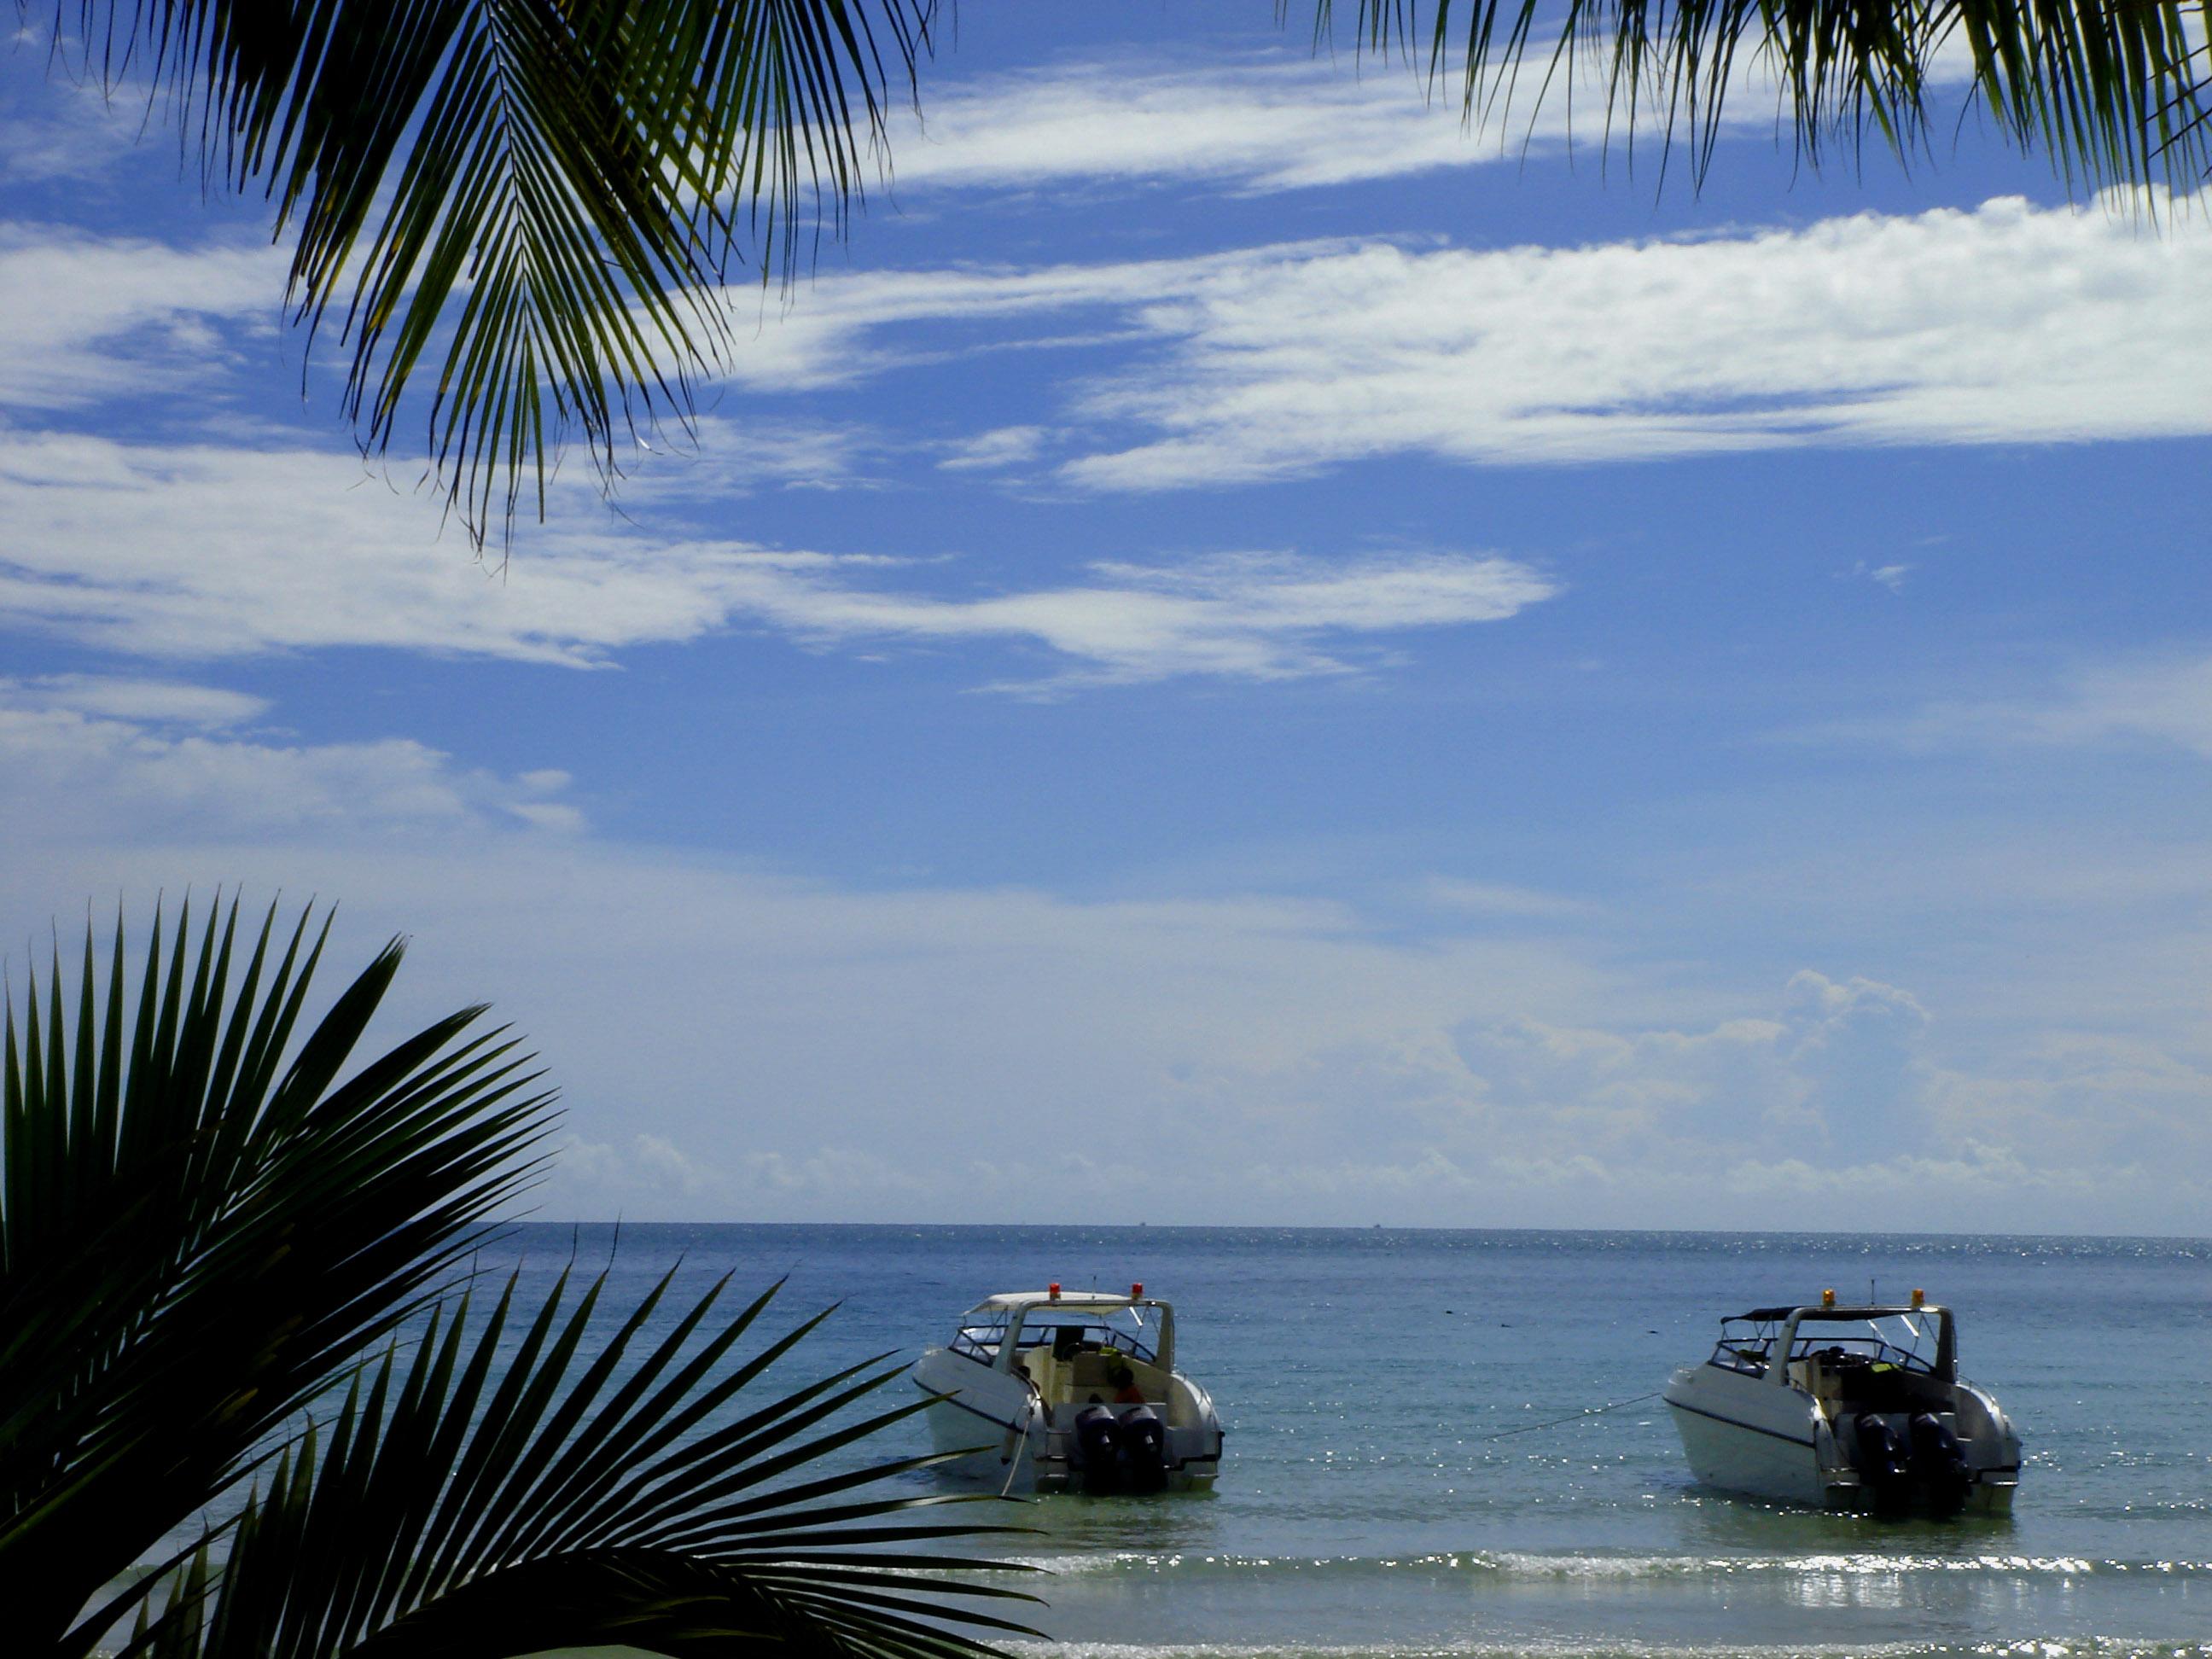 泰享玩泰国5晚6天欢乐之旅全新行程